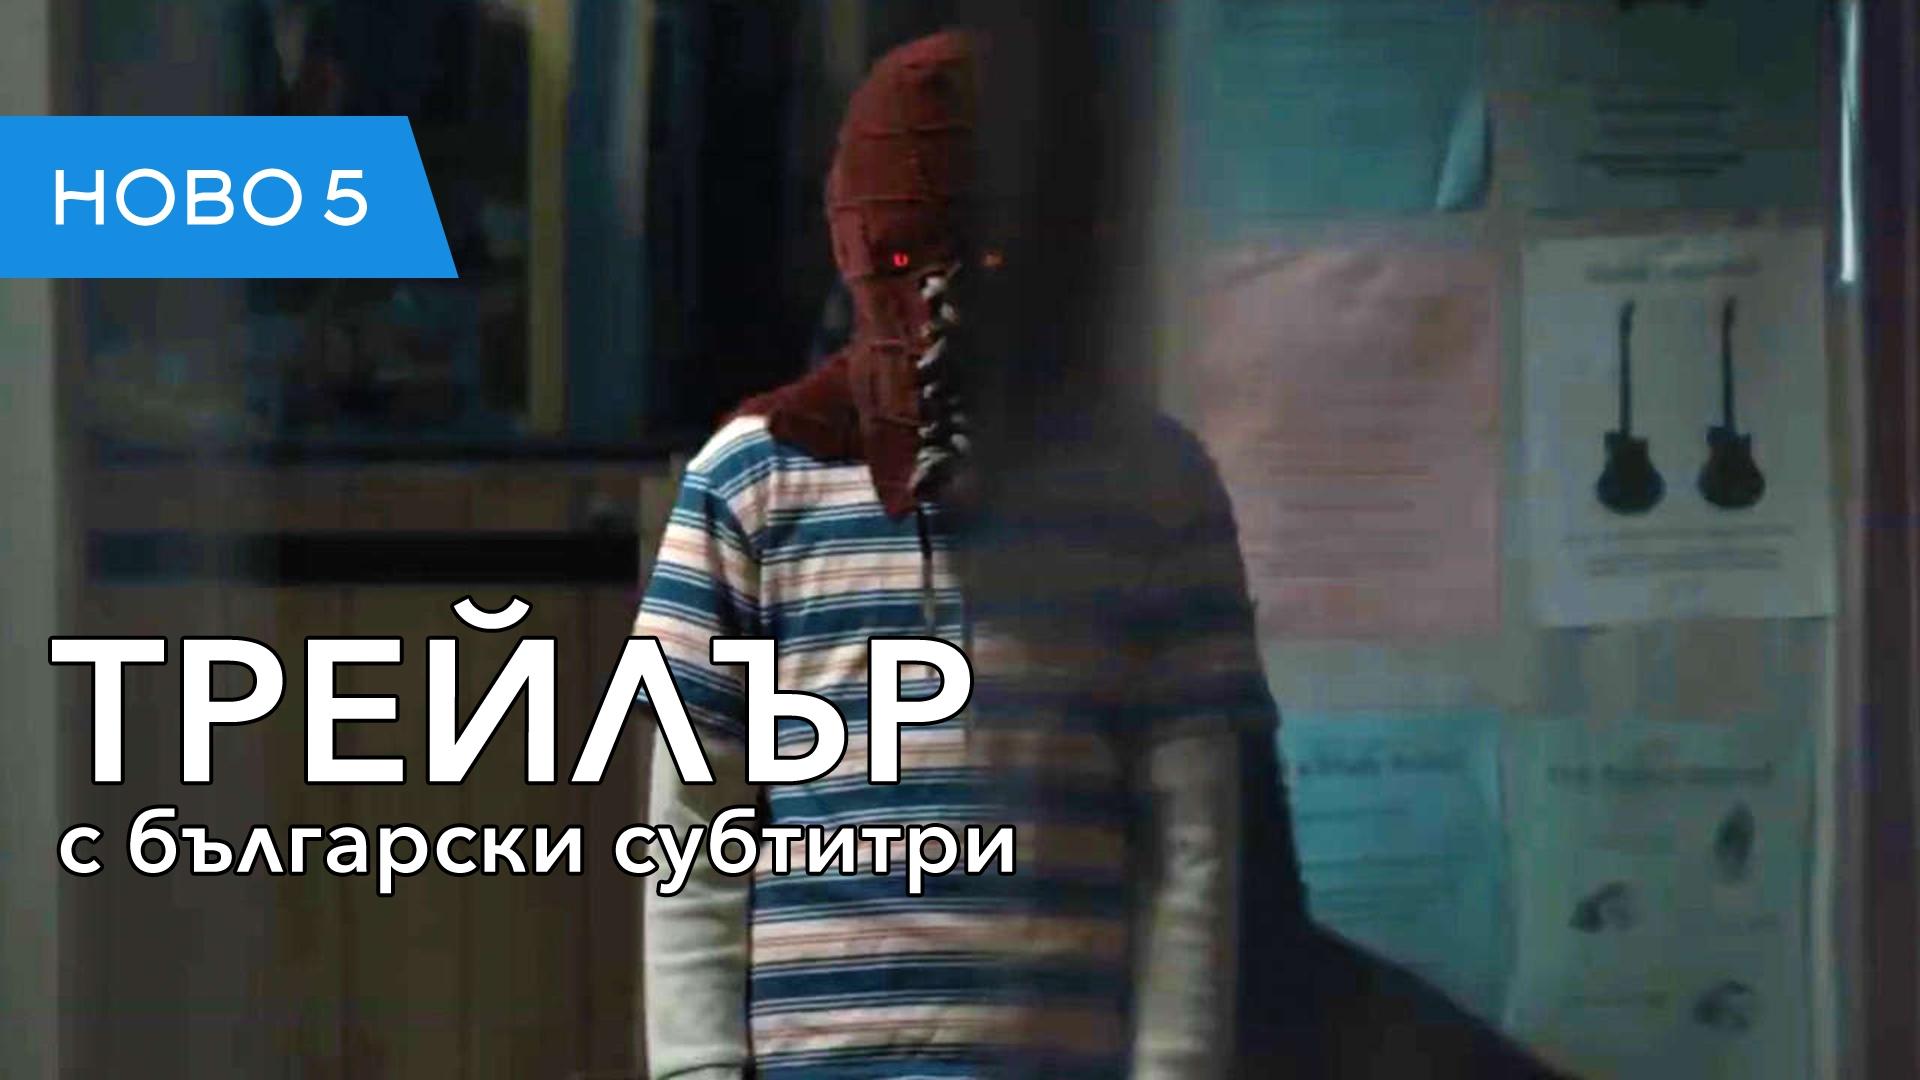 Жив огън (2019) трейлър с български субтитри